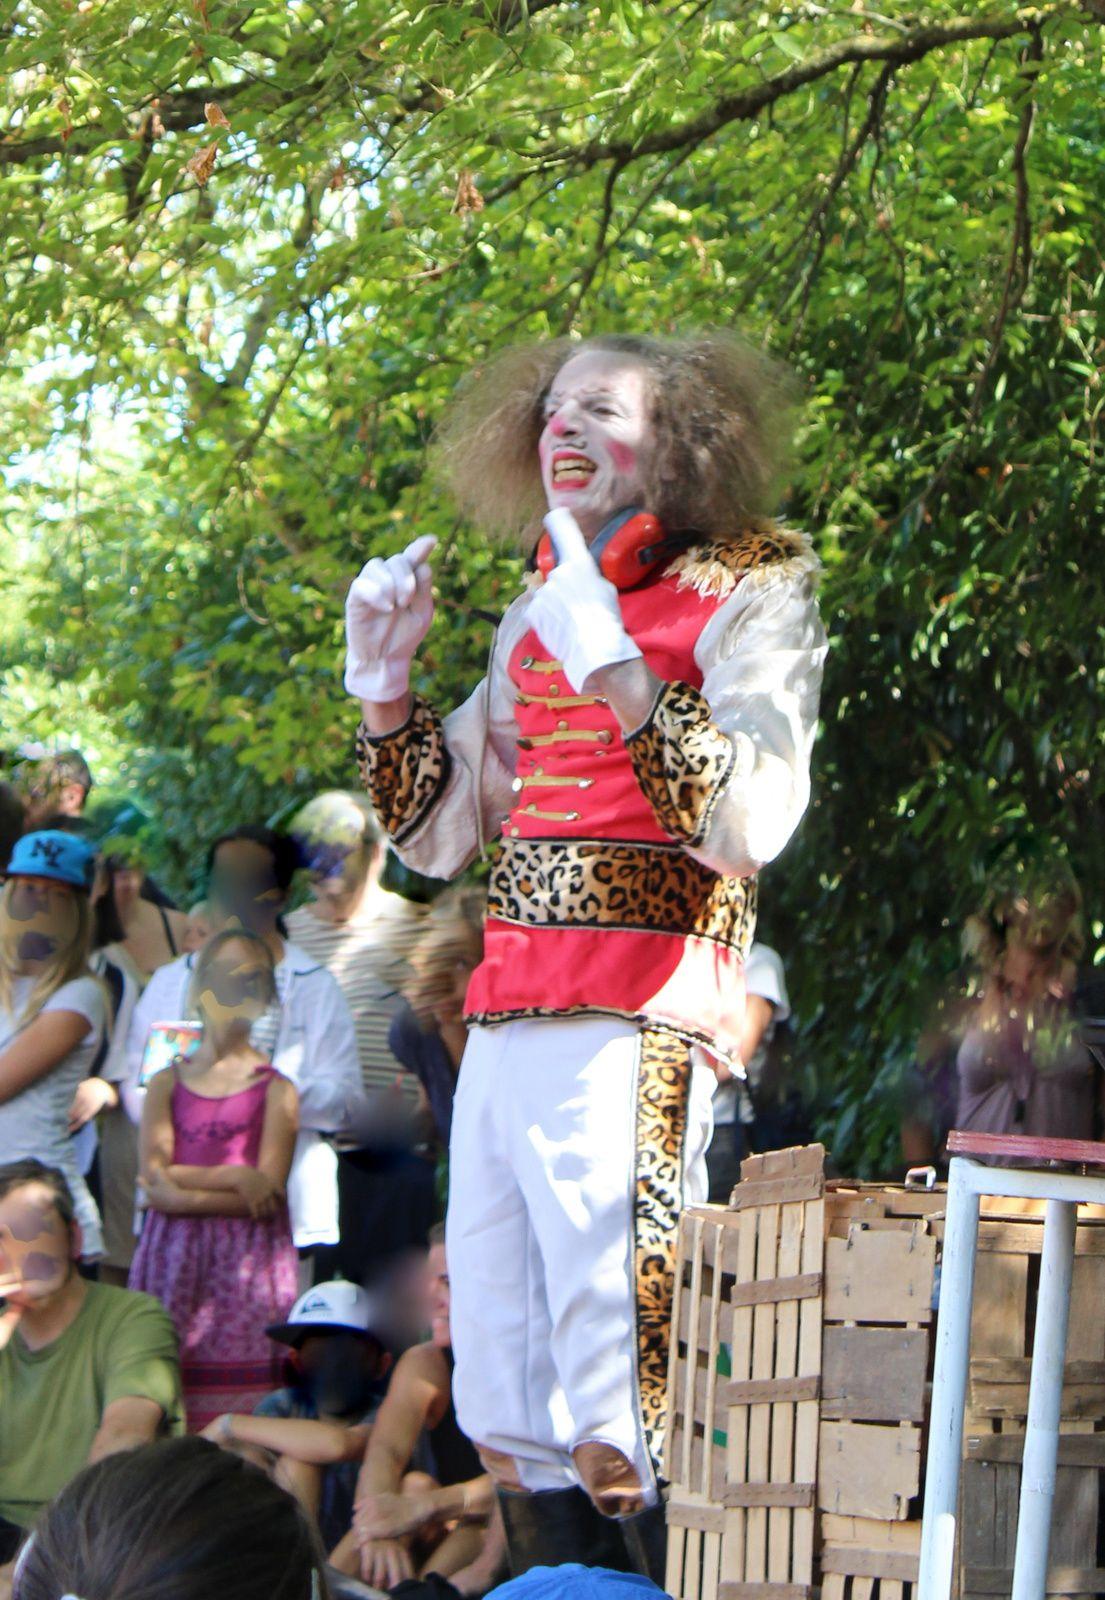 Le #Dompteur de sonimaux , avec la compagnie #cheesecake #ramonville #festival #theatrederue #charlotteblabla blog